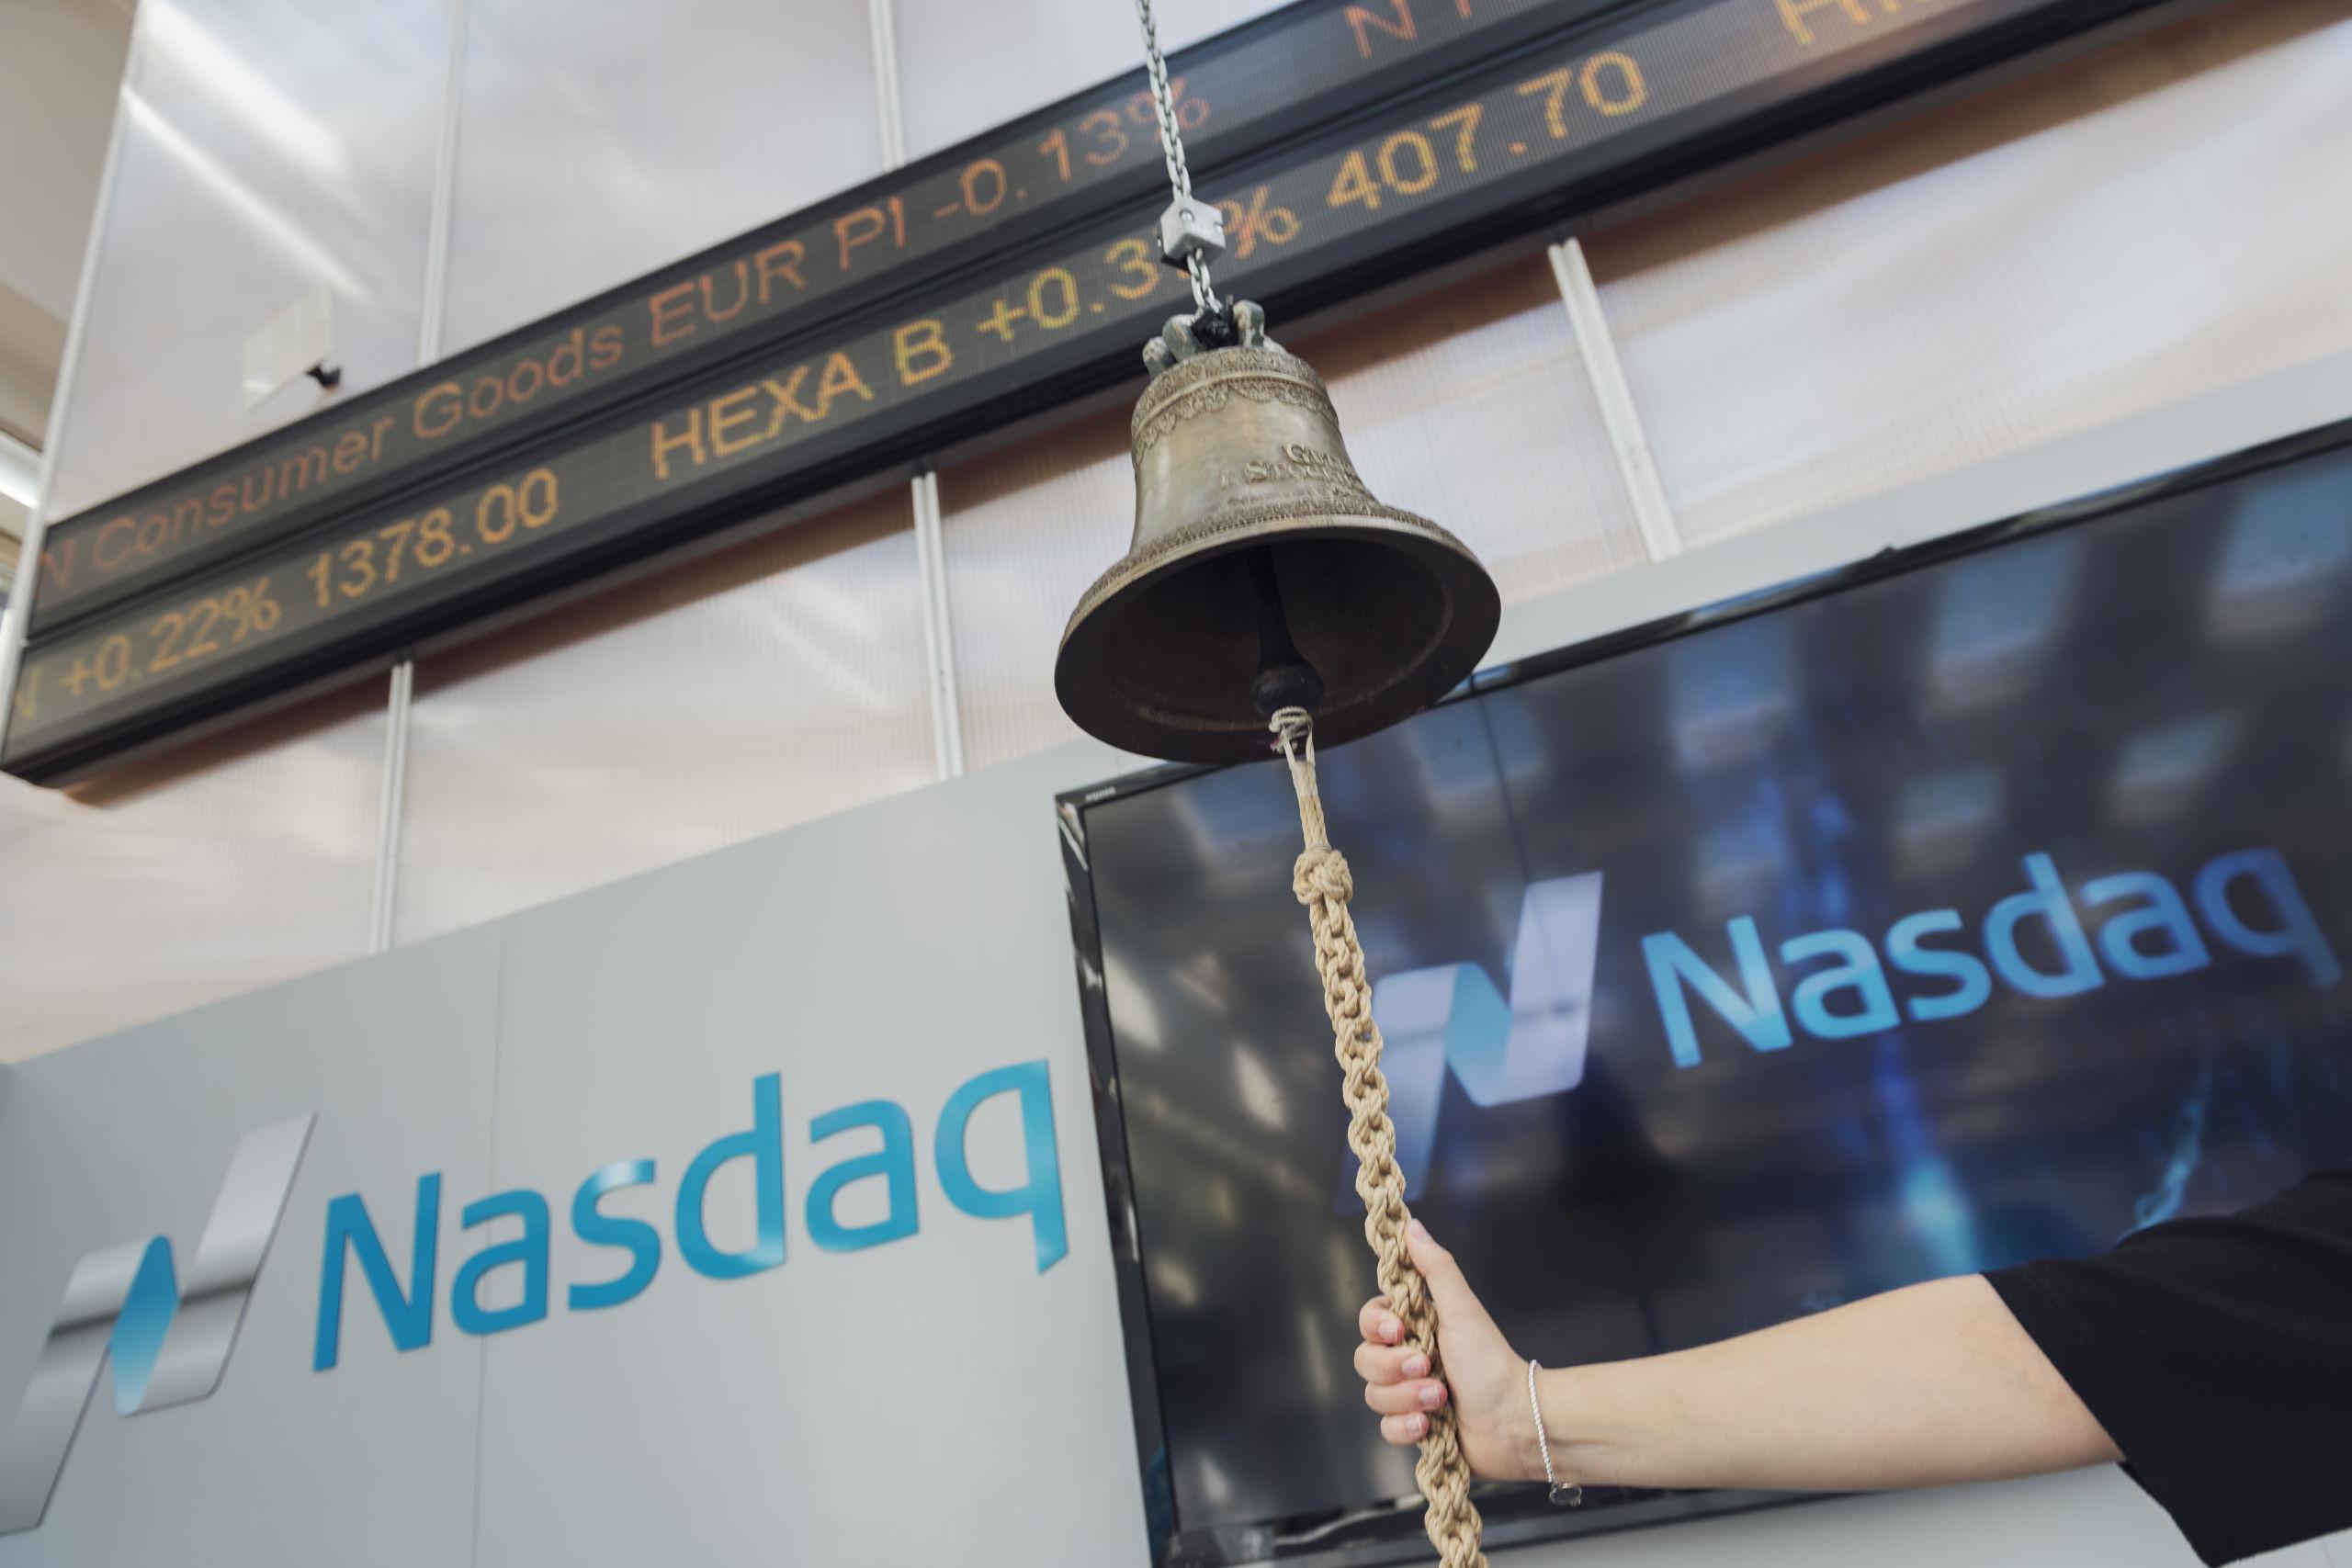 Börsen återhämtar sig – upprättar kriskontor